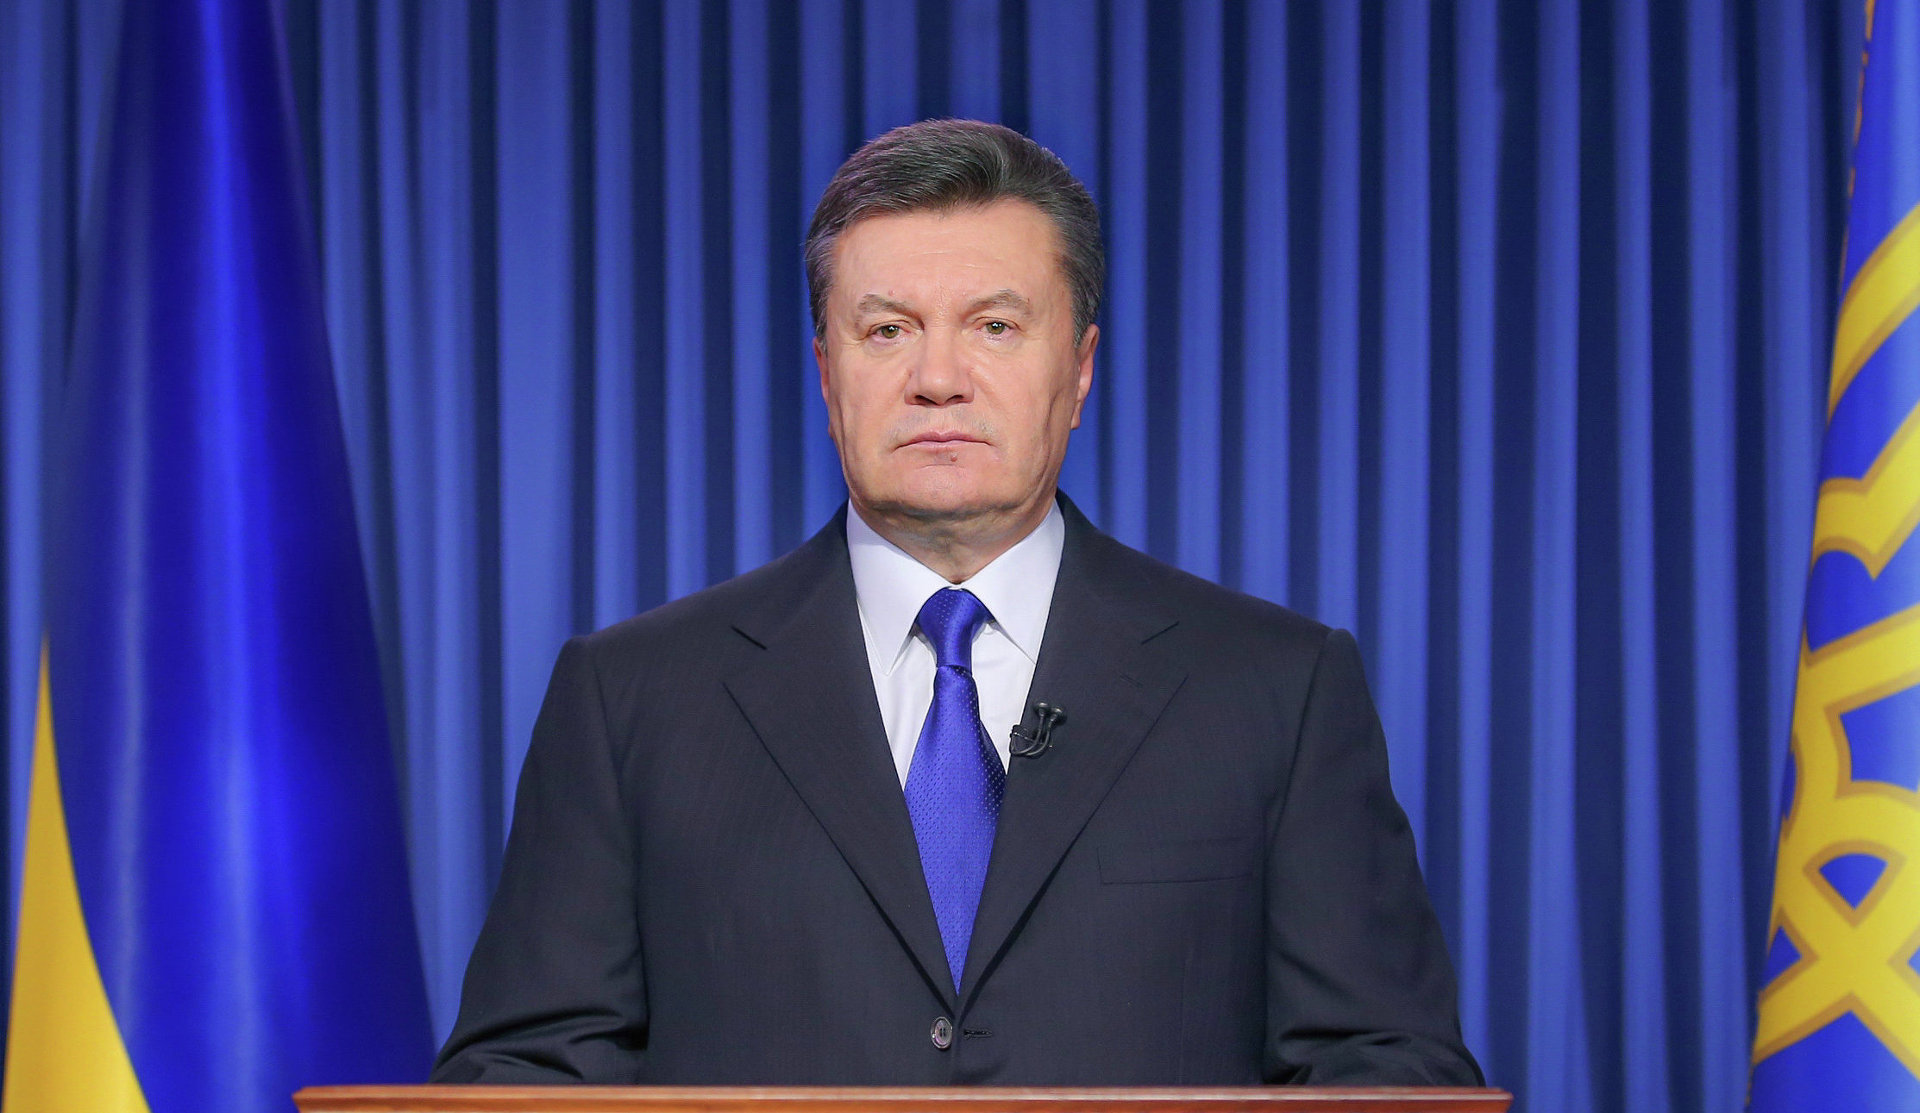 http://ukraina.ru/images/101117/90/1011179059.jpg